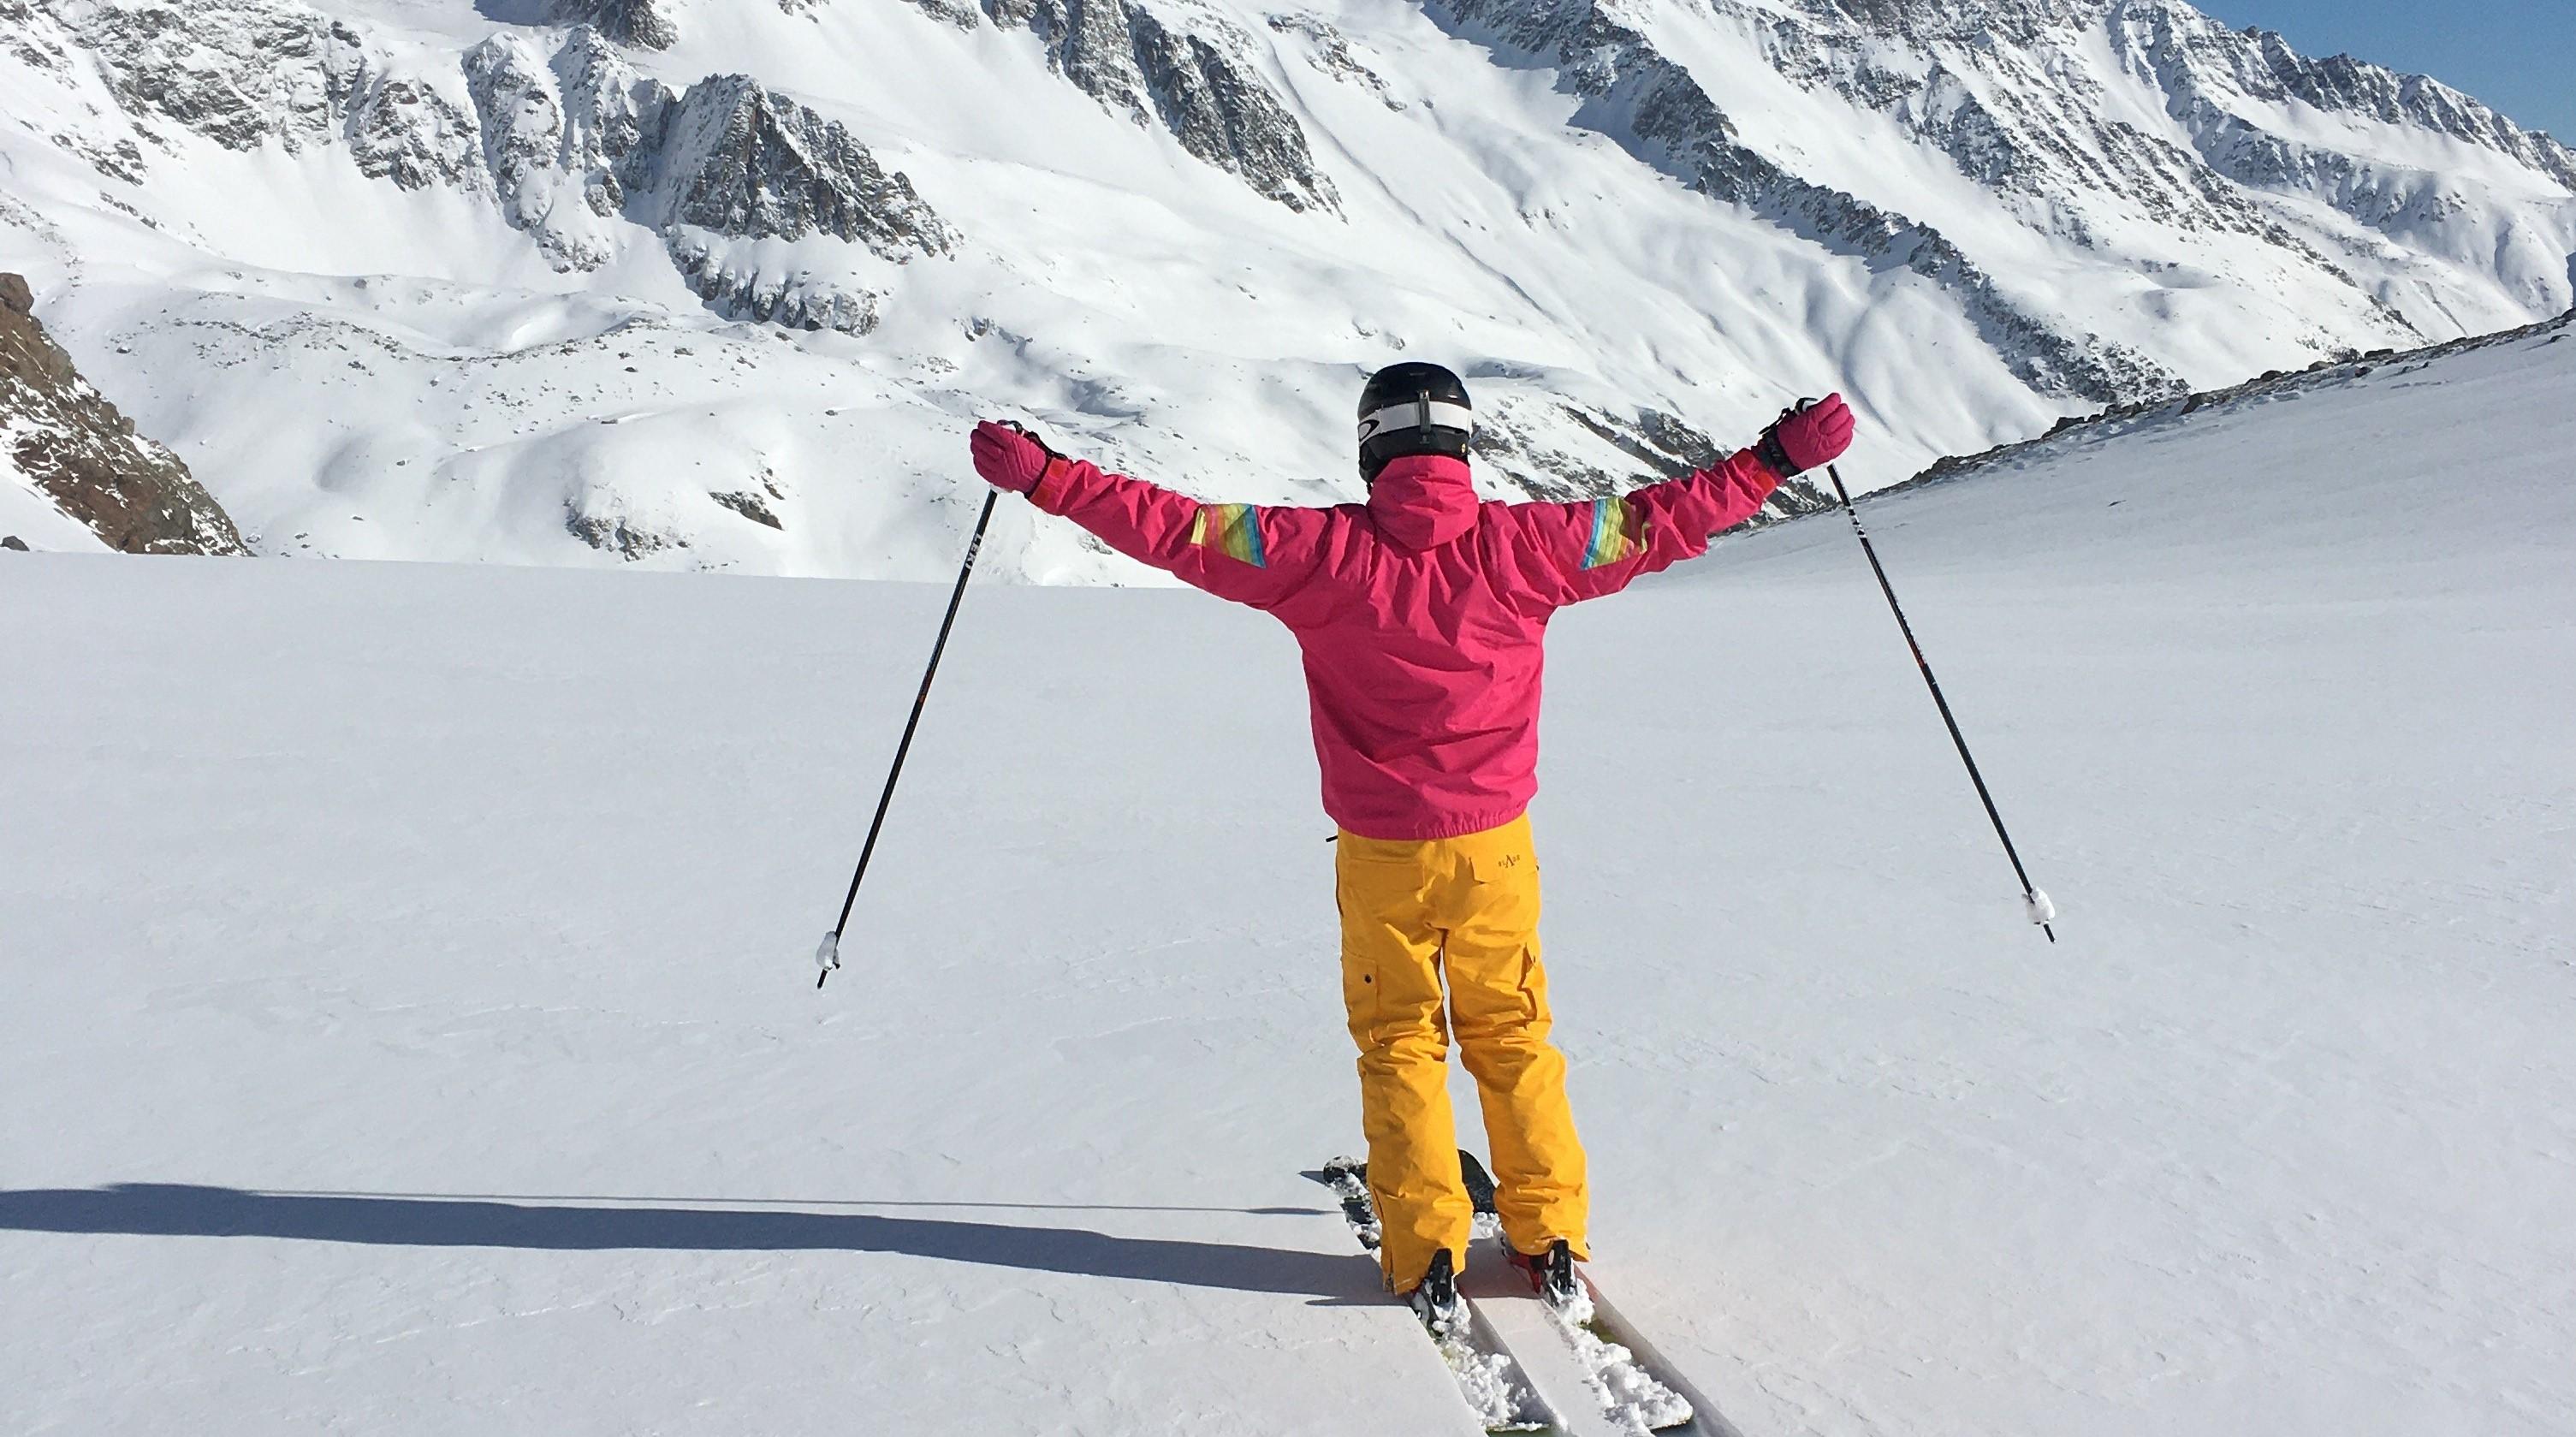 Skidresa till Italien, Madonna di Campiglio (6 dagar skidåkning)